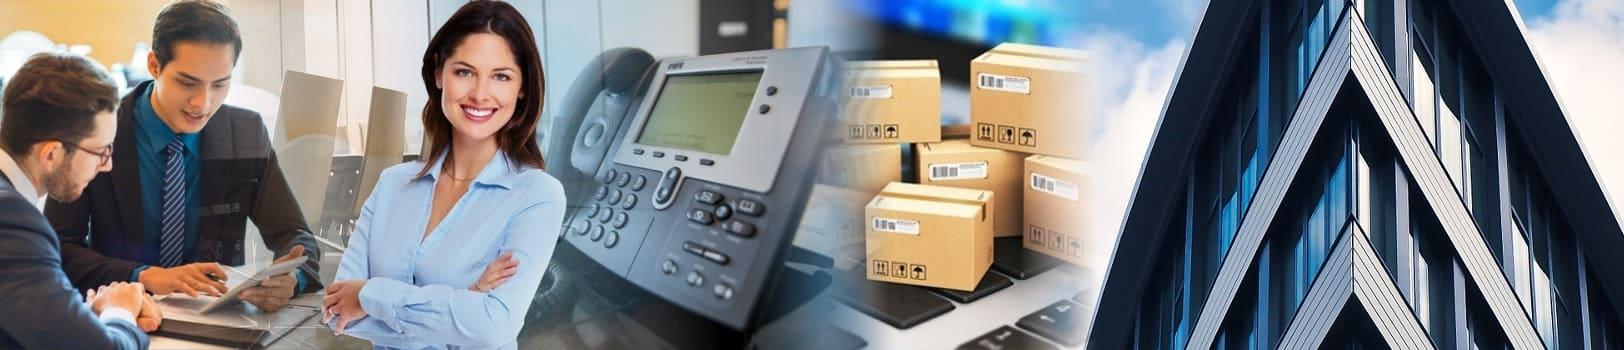 French Office, un partenaire multi-compétences pour votre domiciliation, votre télésecrétariat et votre logistique